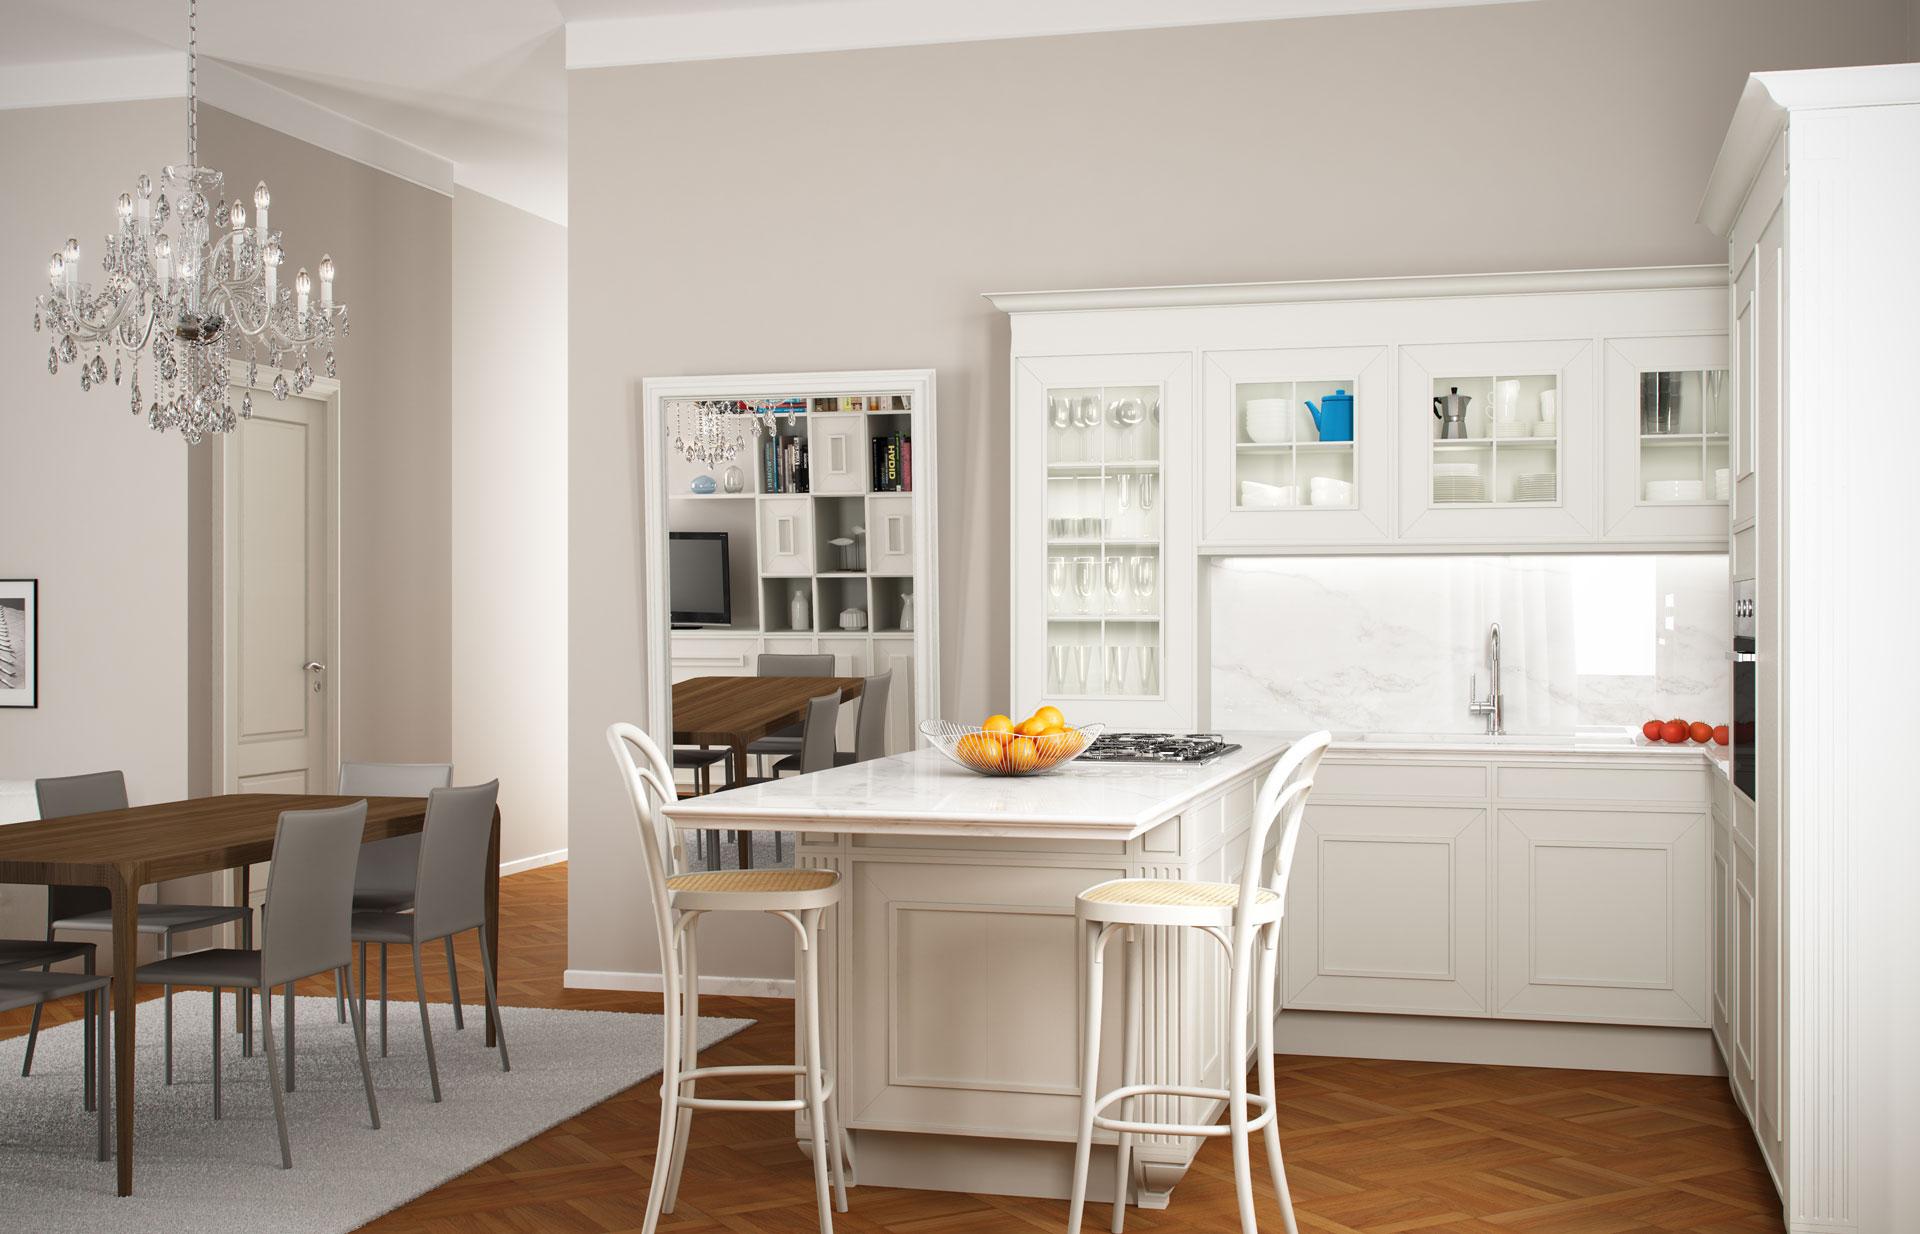 apartment-ancona-barberini-gunnell-4